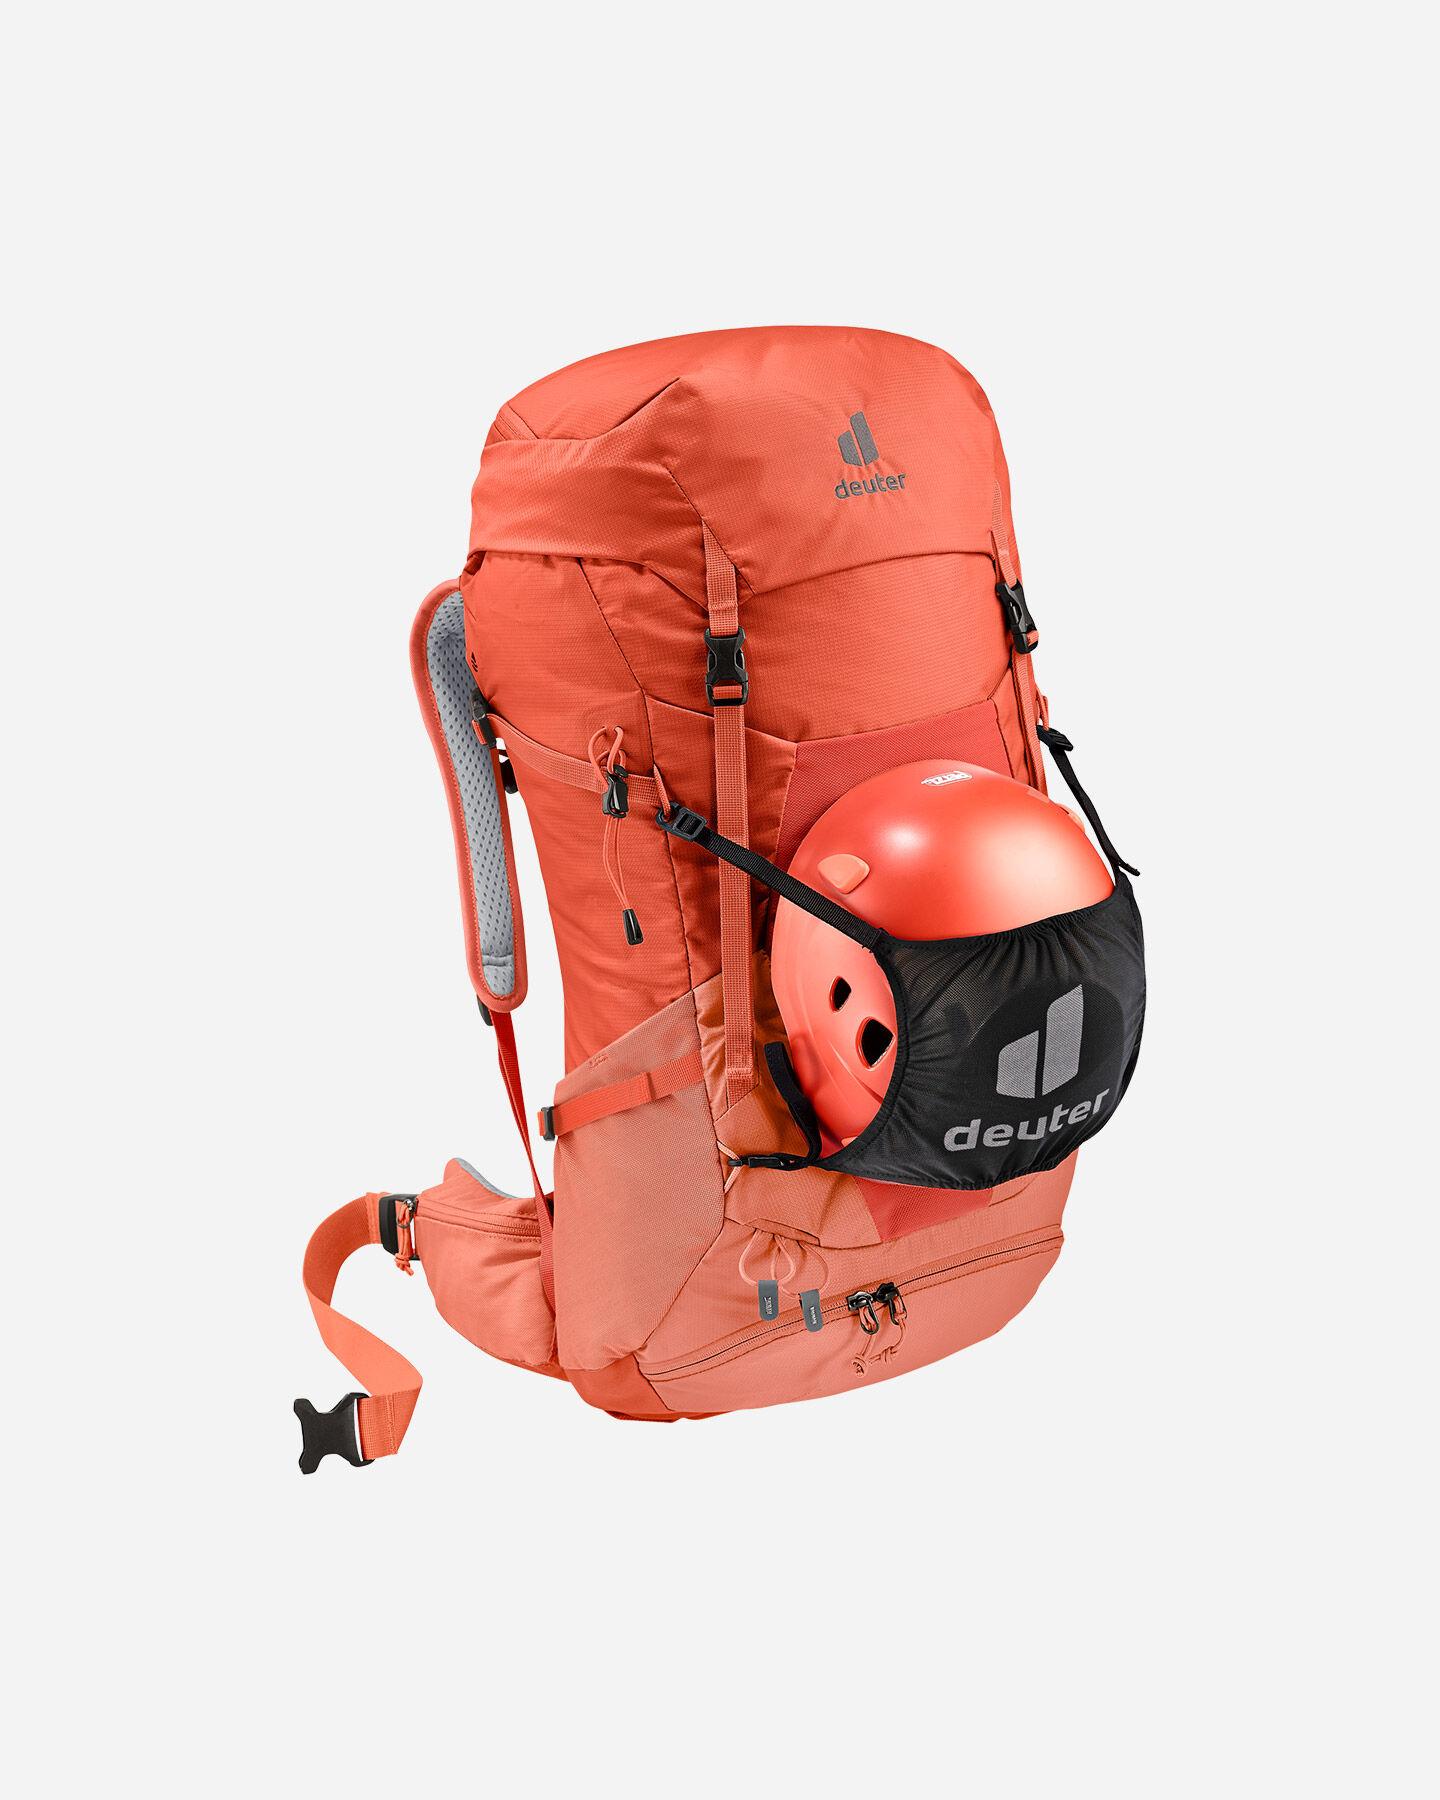 Zaino escursionismo DEUTER FUTURA 30 SL RC S4090219 5572 UNI scatto 1